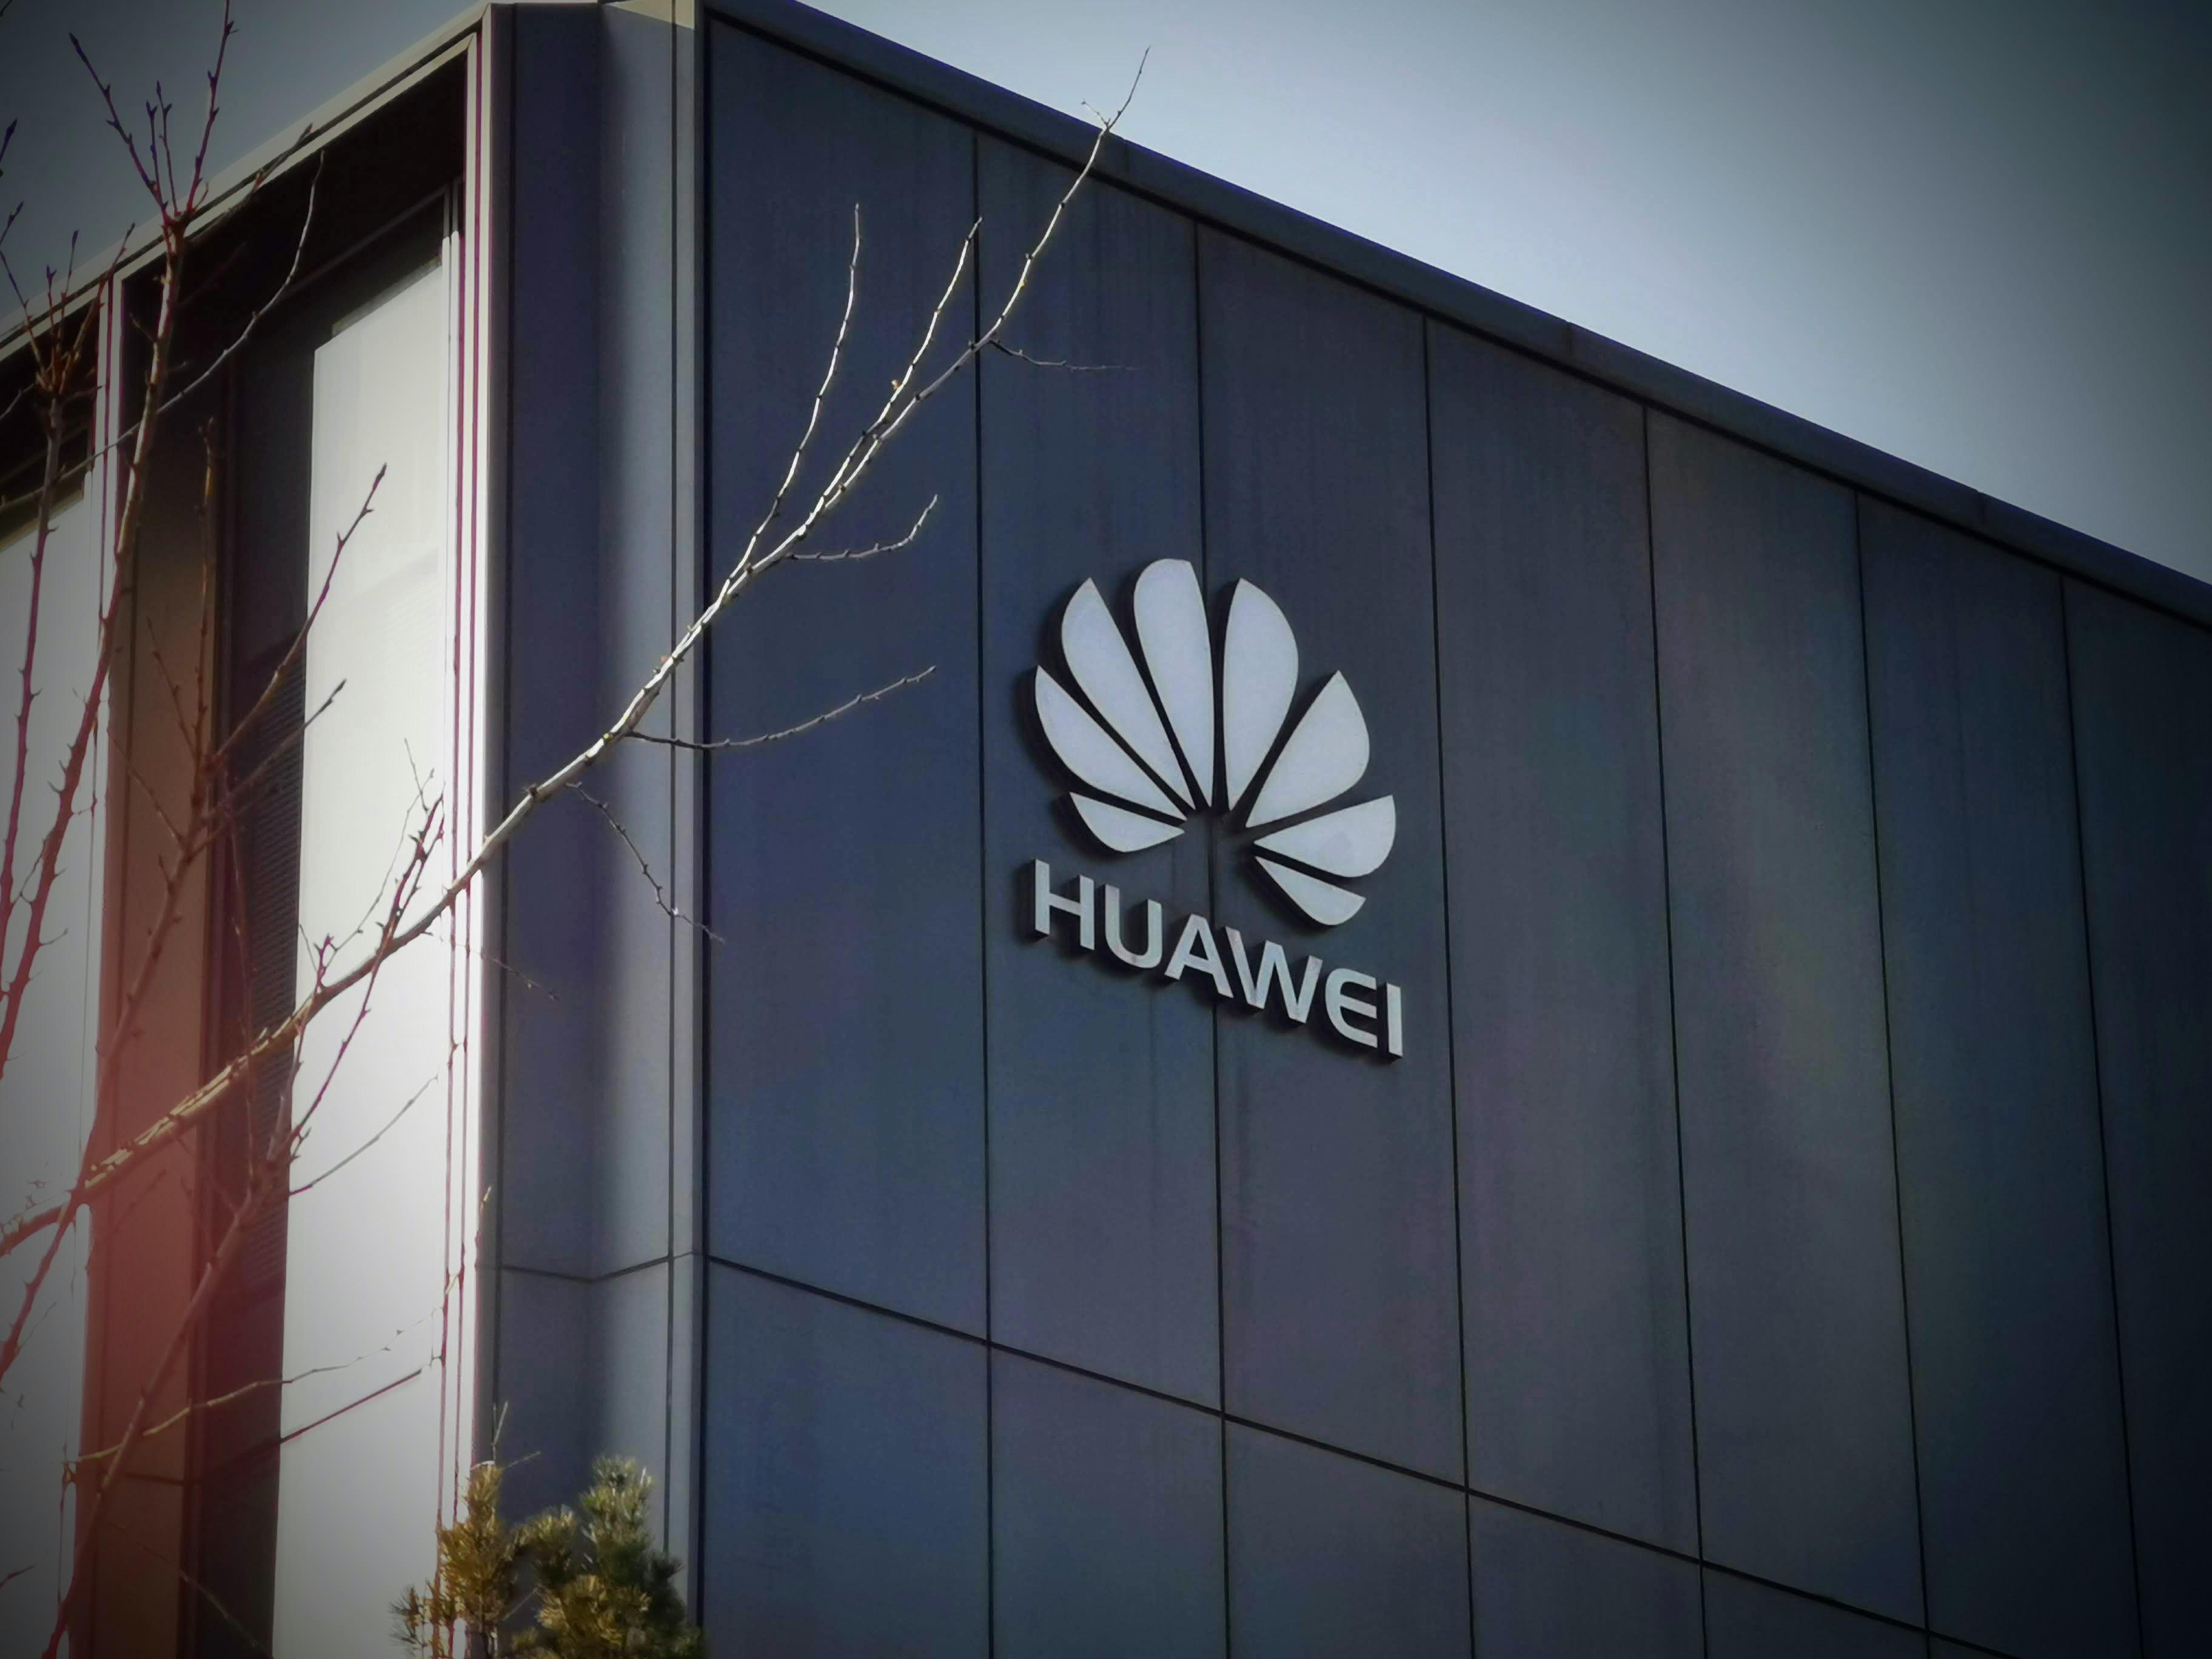 Huawei miserait sur un bouleversement stratégique : les voitures électriques en ligne de mire - Frandroid